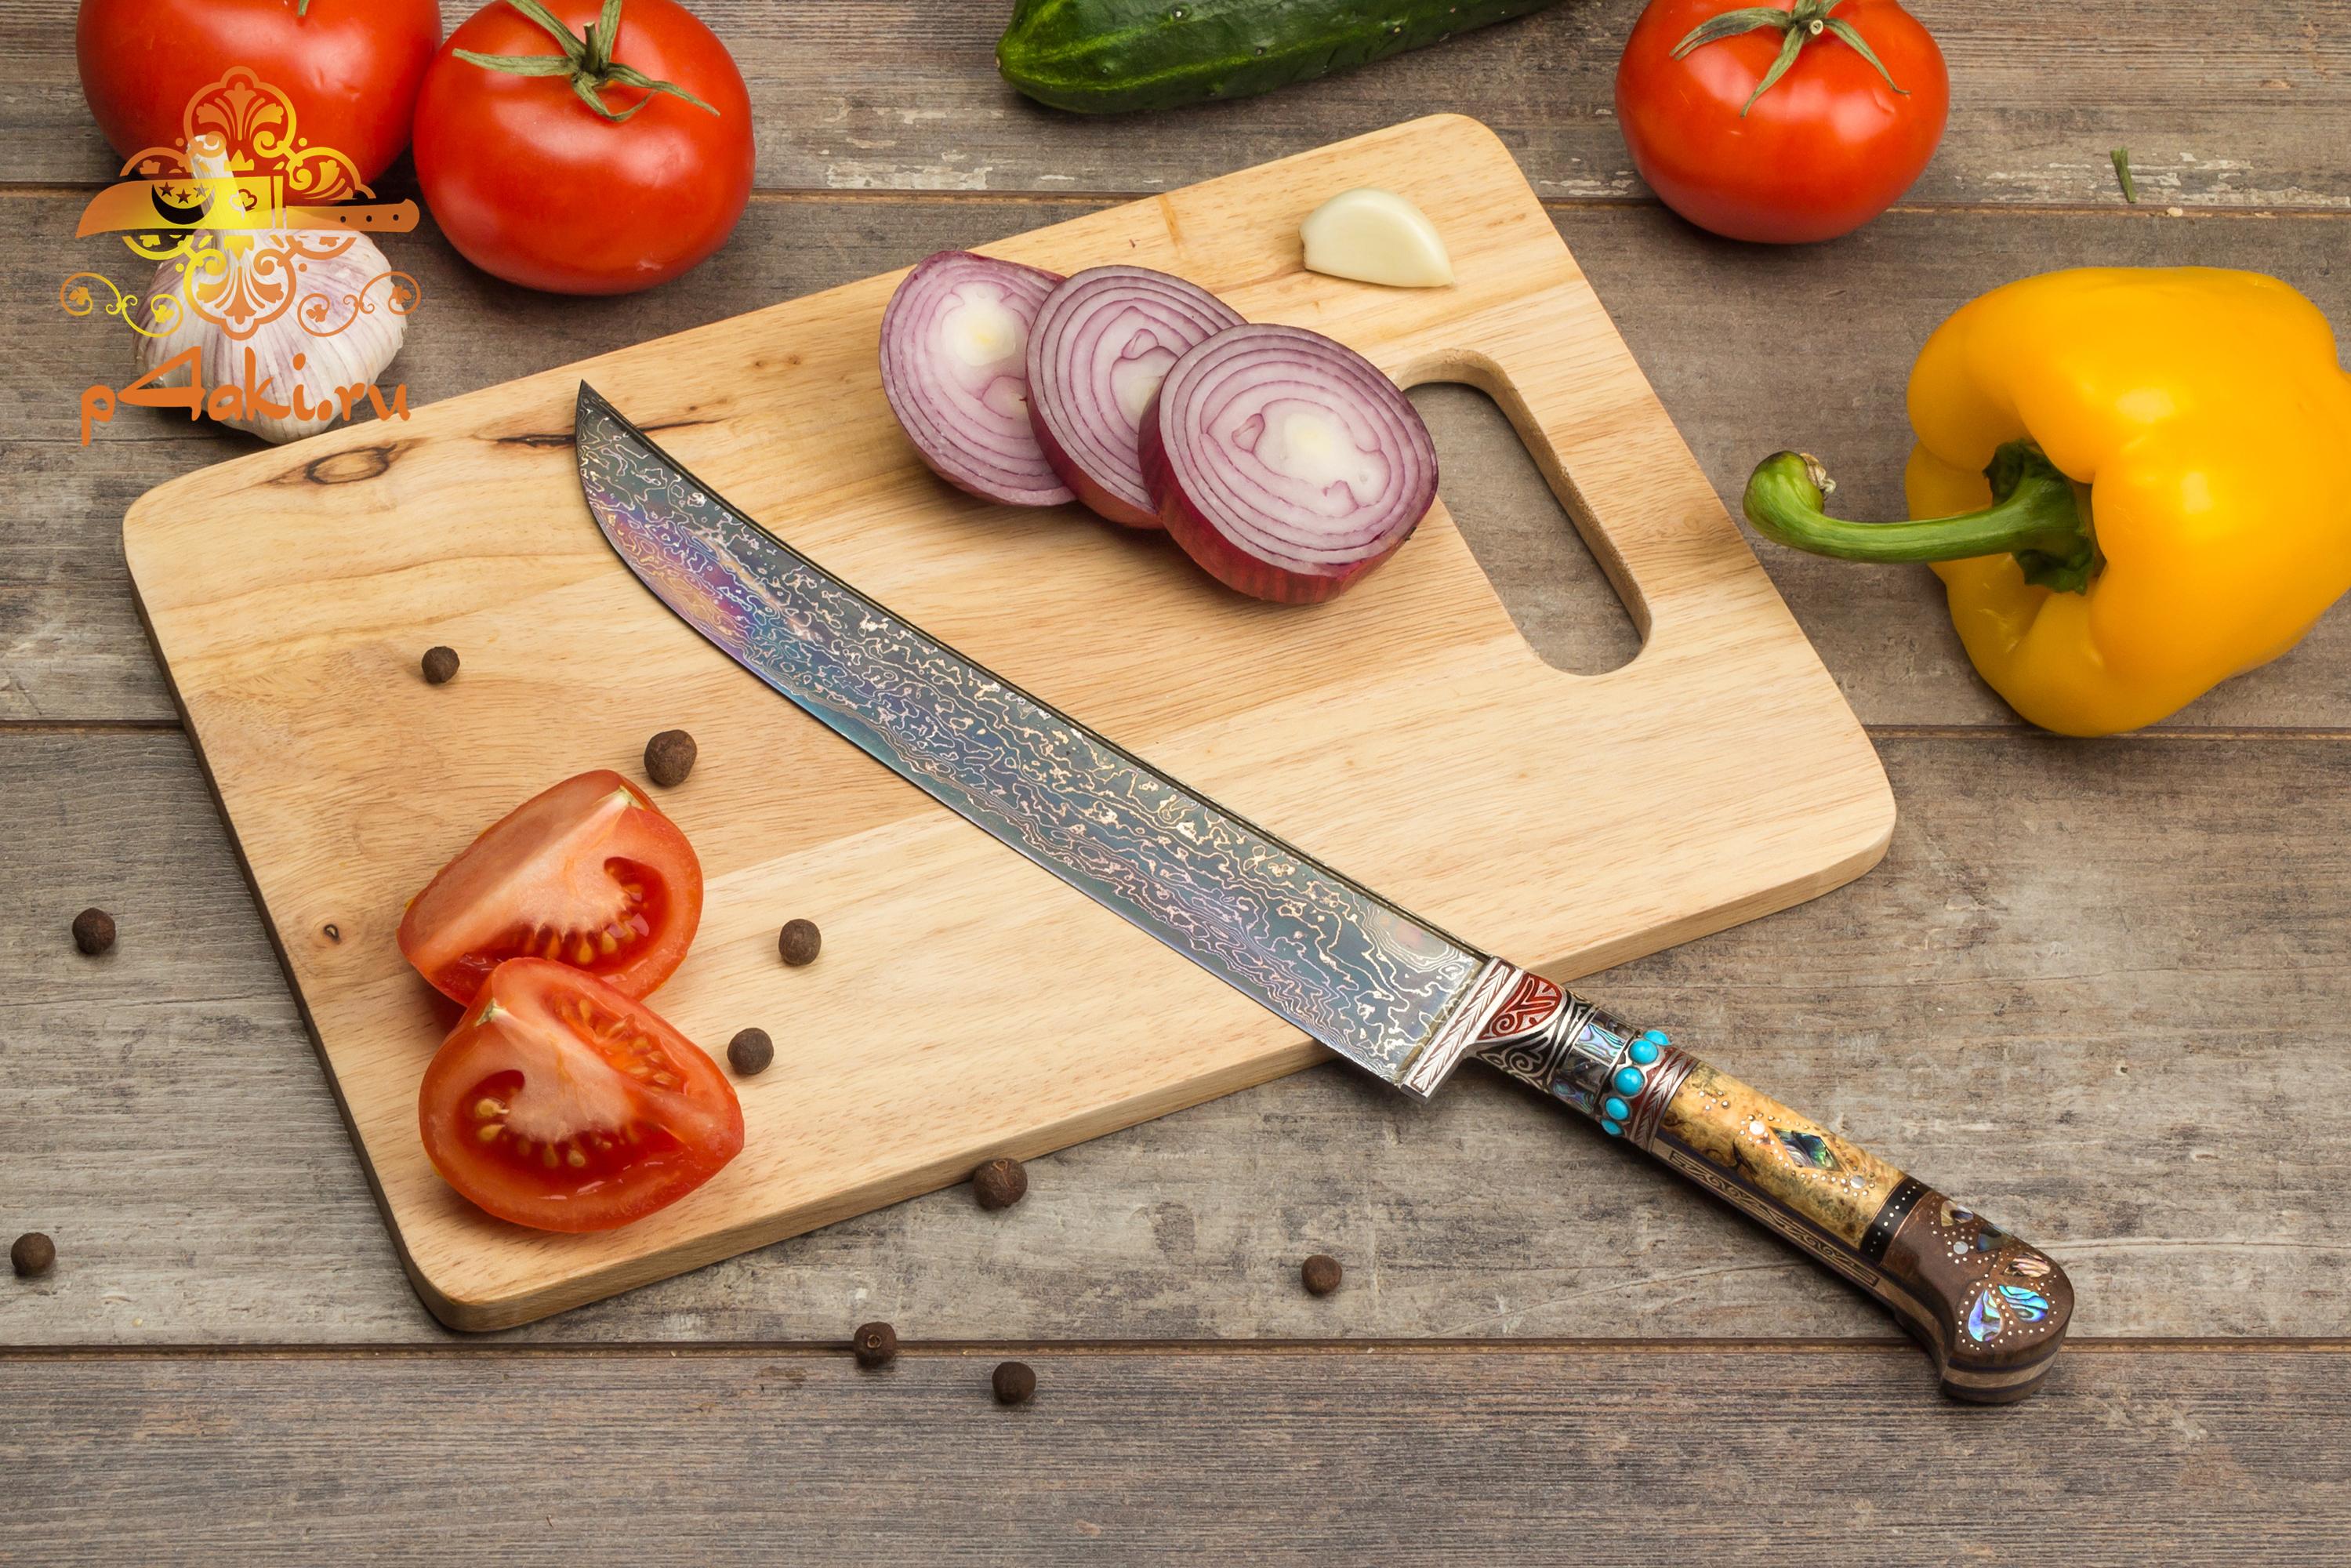 нож Сердце Дракона, (монтаж накладки «ерма даста» — рукоятка из стабилизированной карельской березы.) со вставками перламутра (садаф) и чермяхи